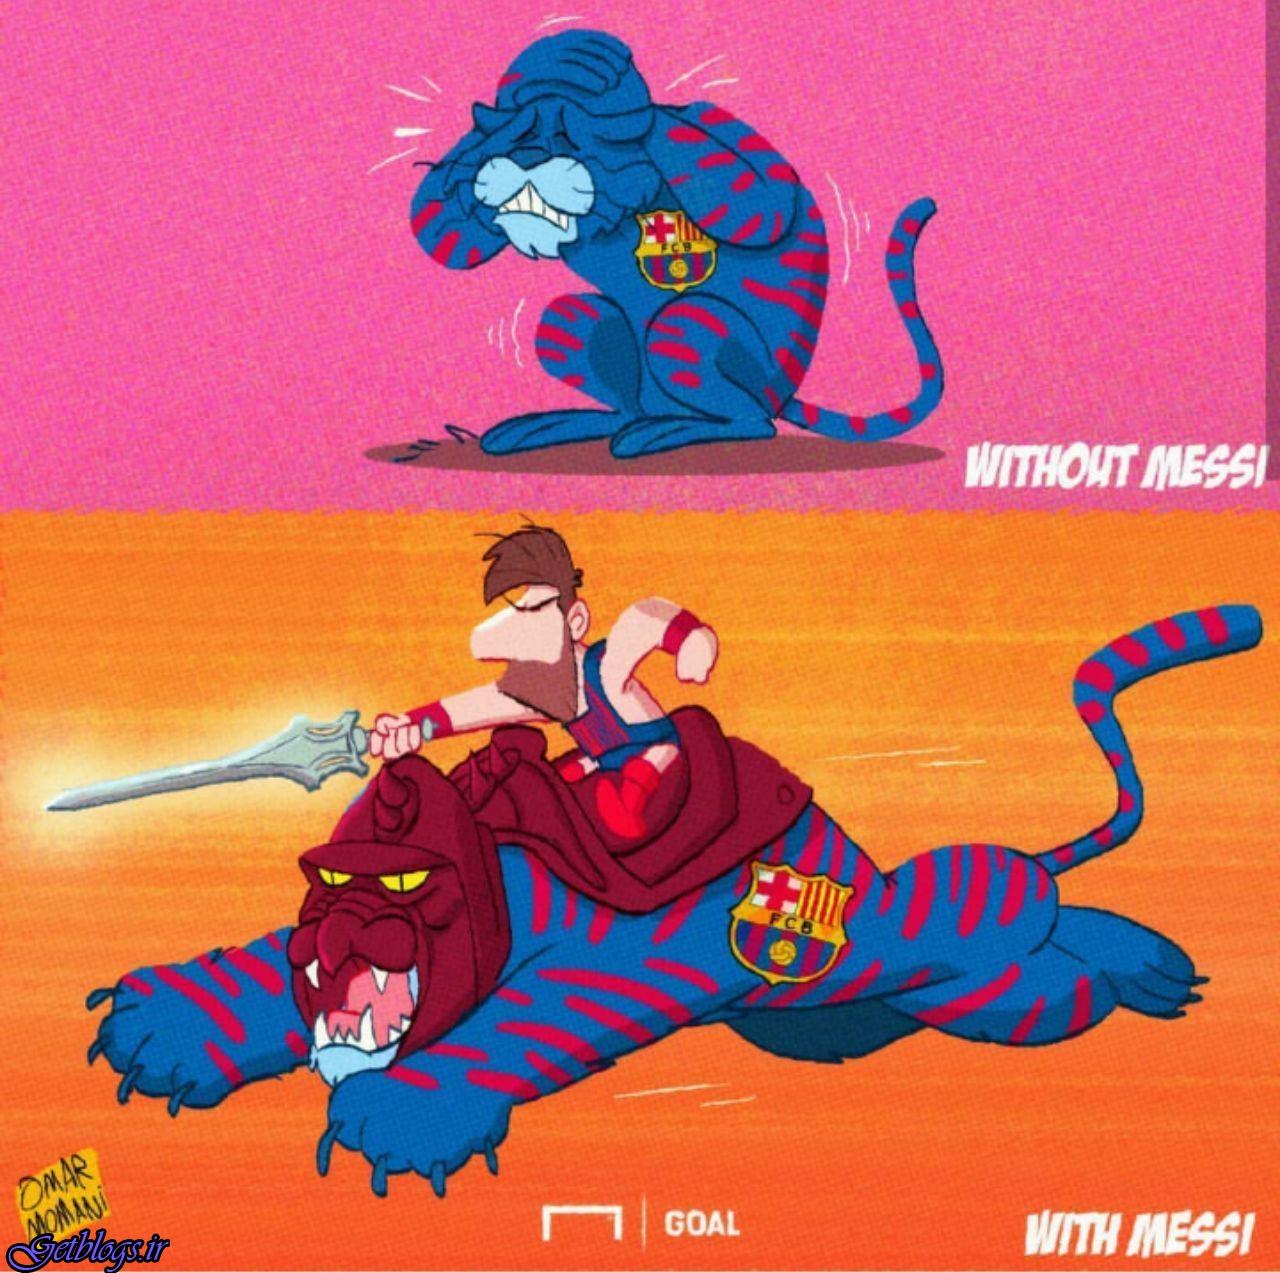 بارسای با مسی - بارسای بدون مسی (کاریکاتور)